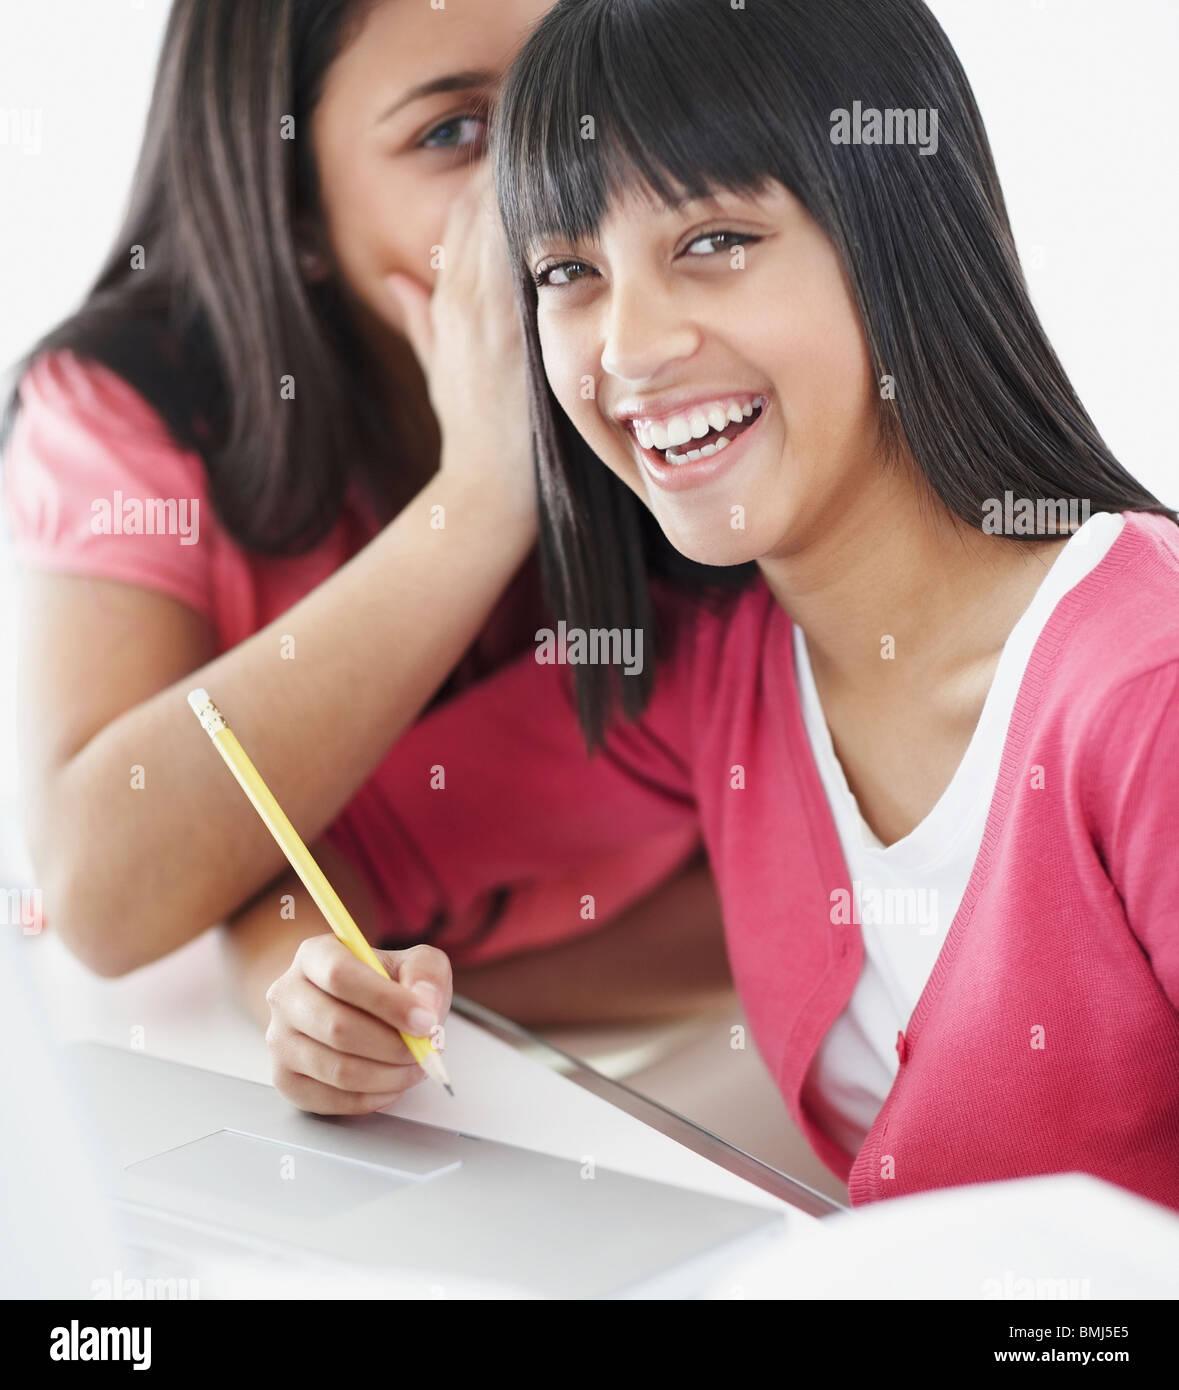 Los estudiantes susurrando en el aula Imagen De Stock